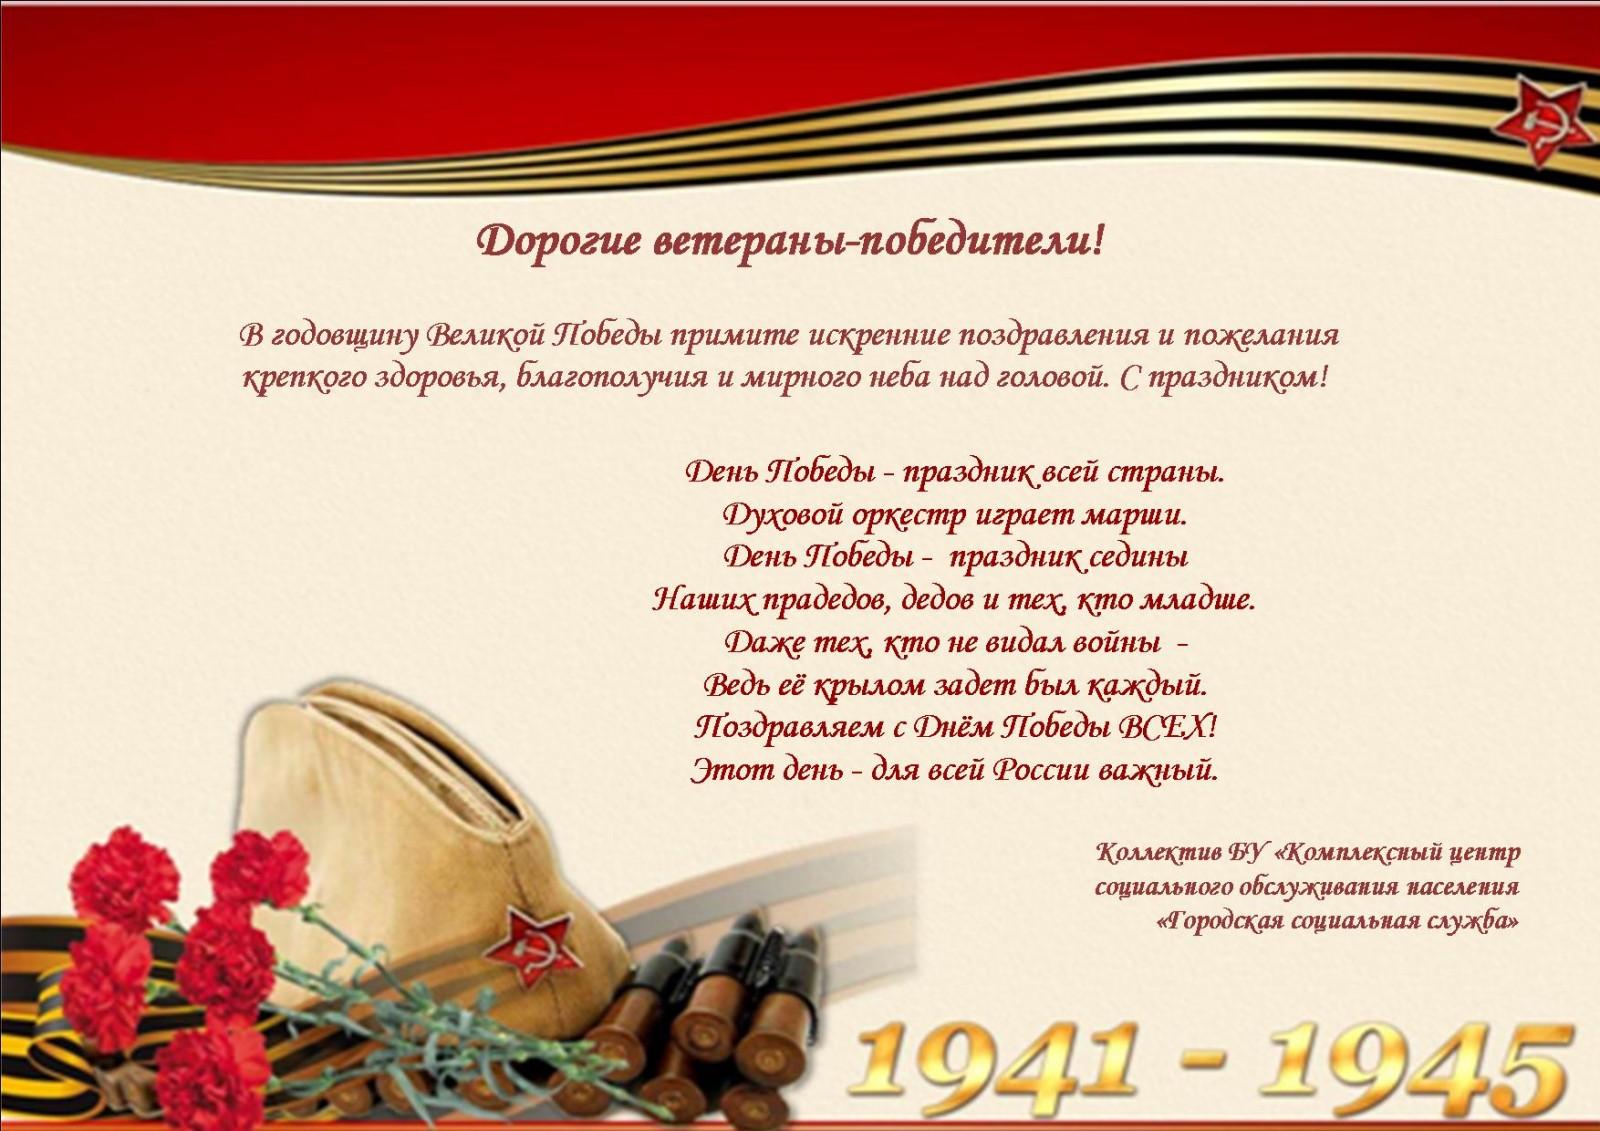 Поздравление к 9 мая день победы ветерану